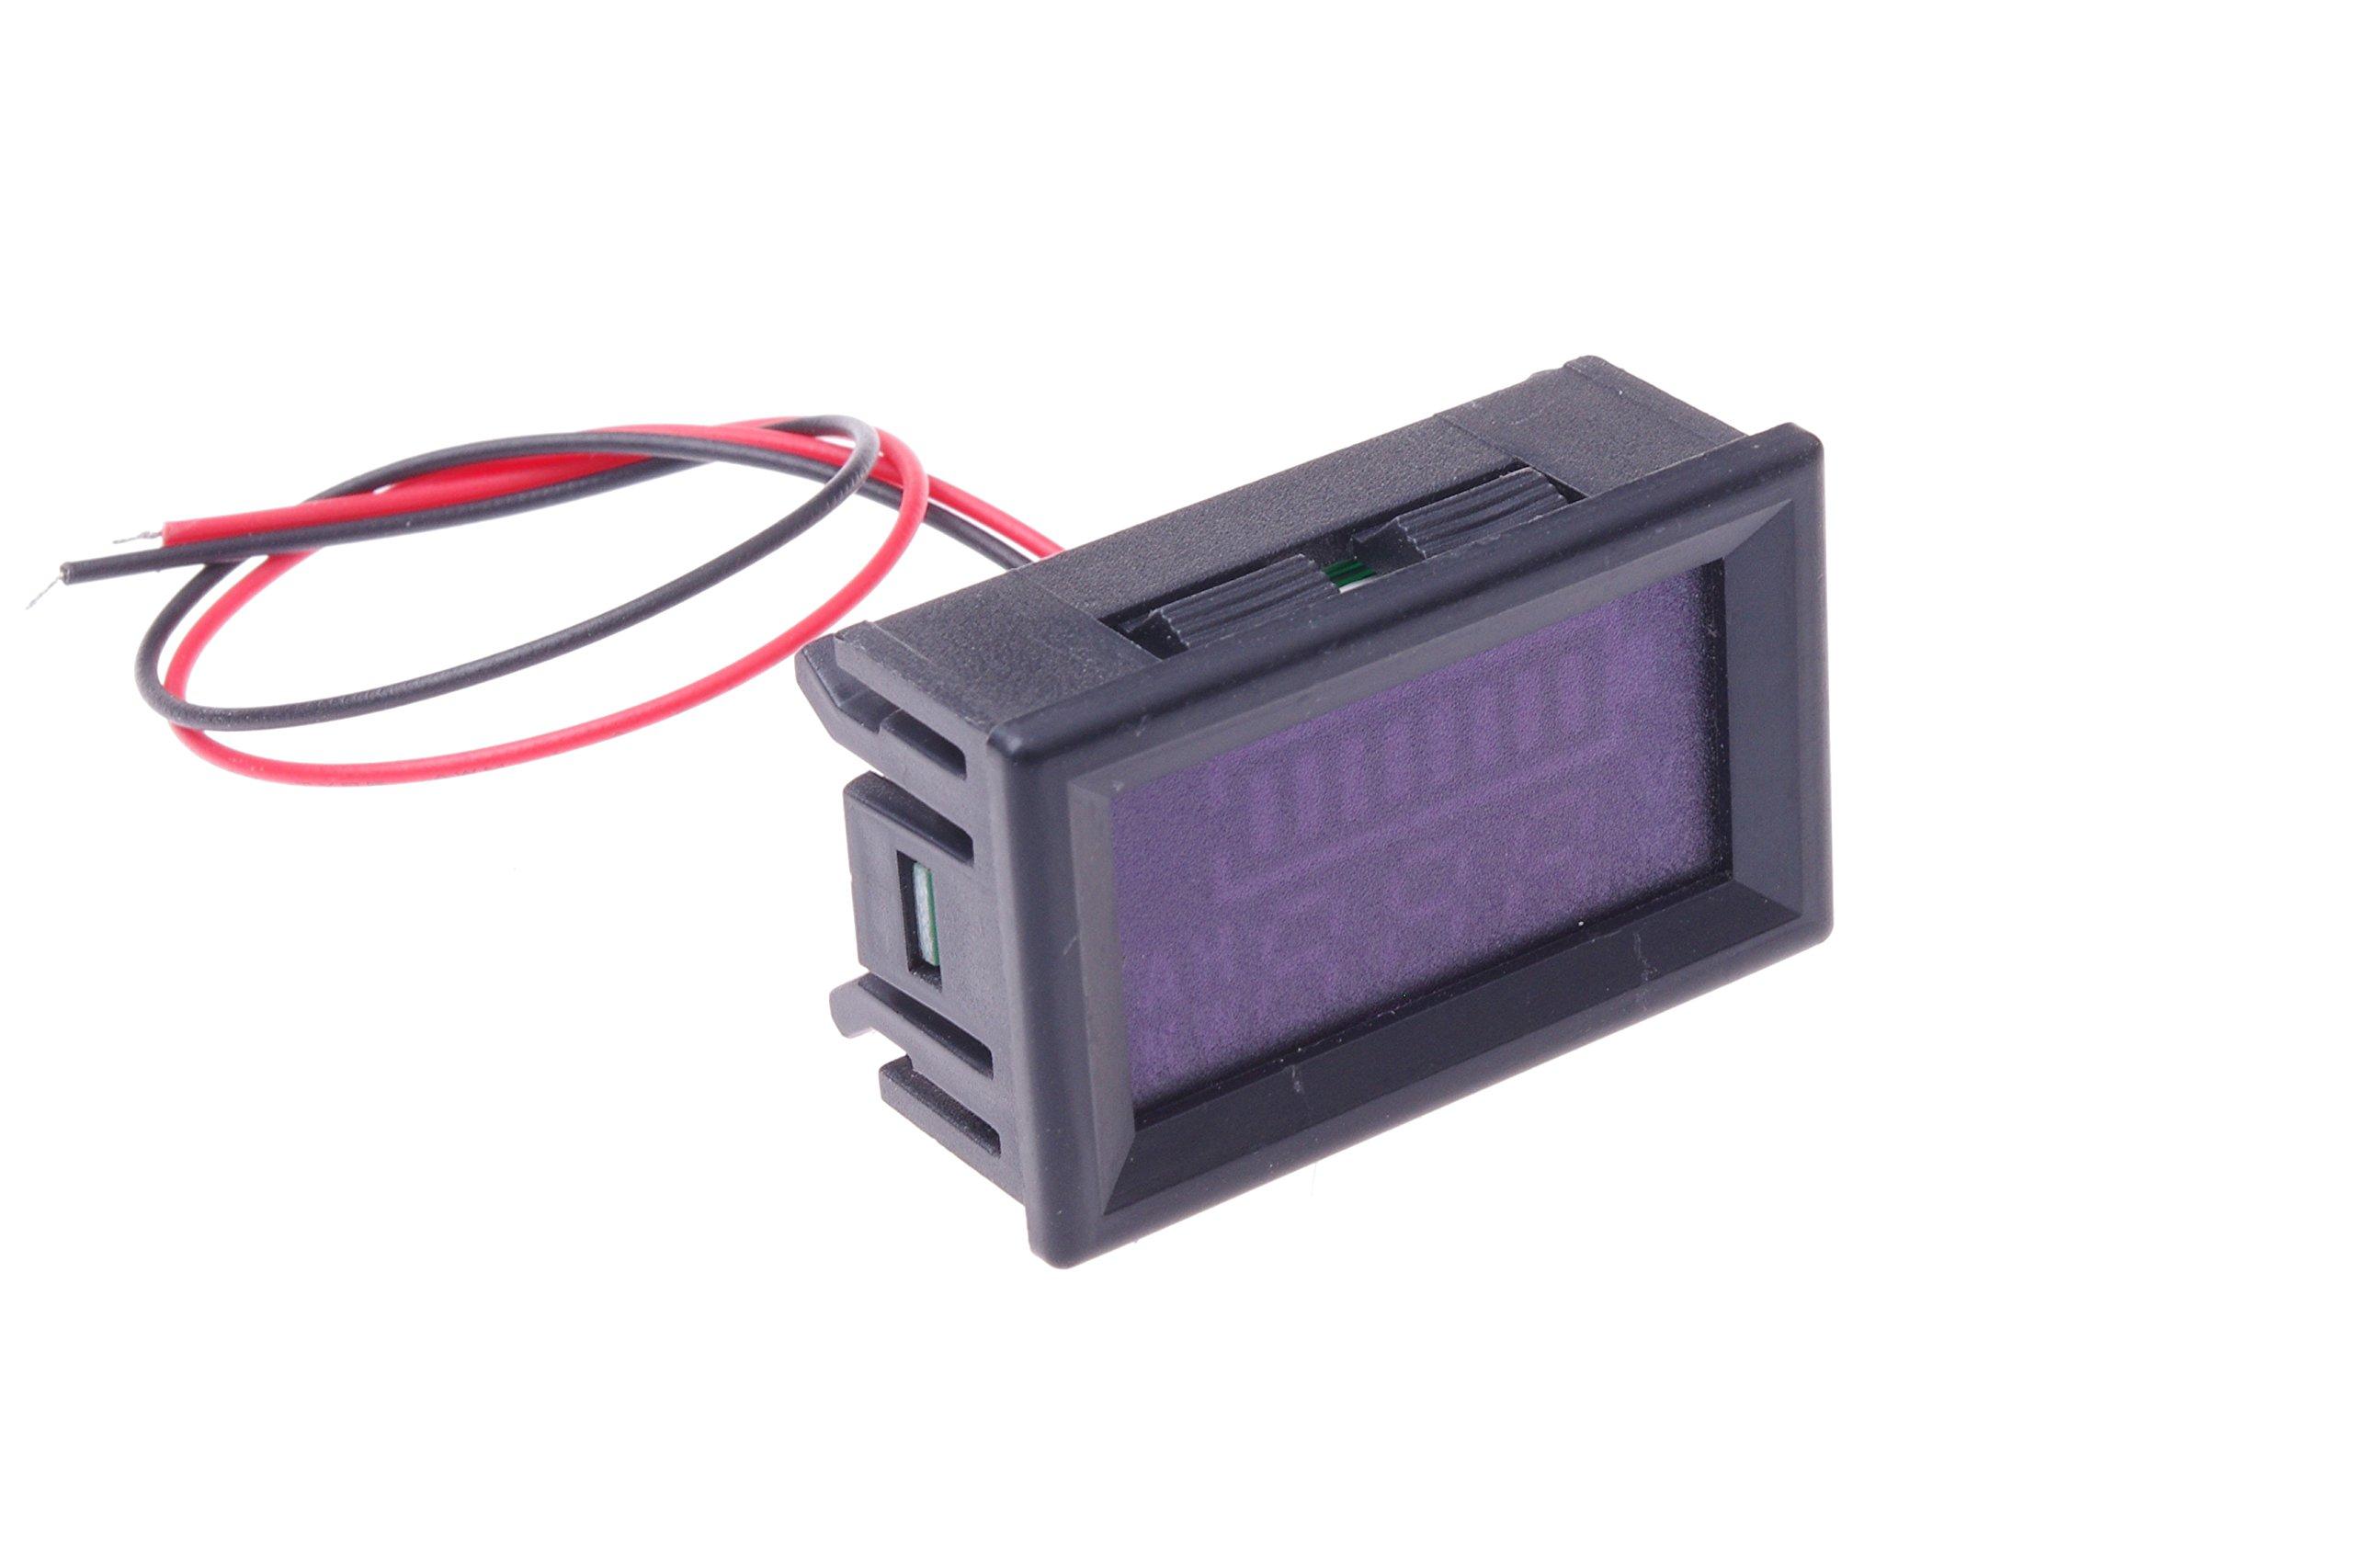 SMAKN DC 12v 24V 36V 48V 60V 72V 96V Acid lead batteries percentage capacity indicator LED Tester voltmeter With TTL OUTPUT by SMAKN (Image #6)